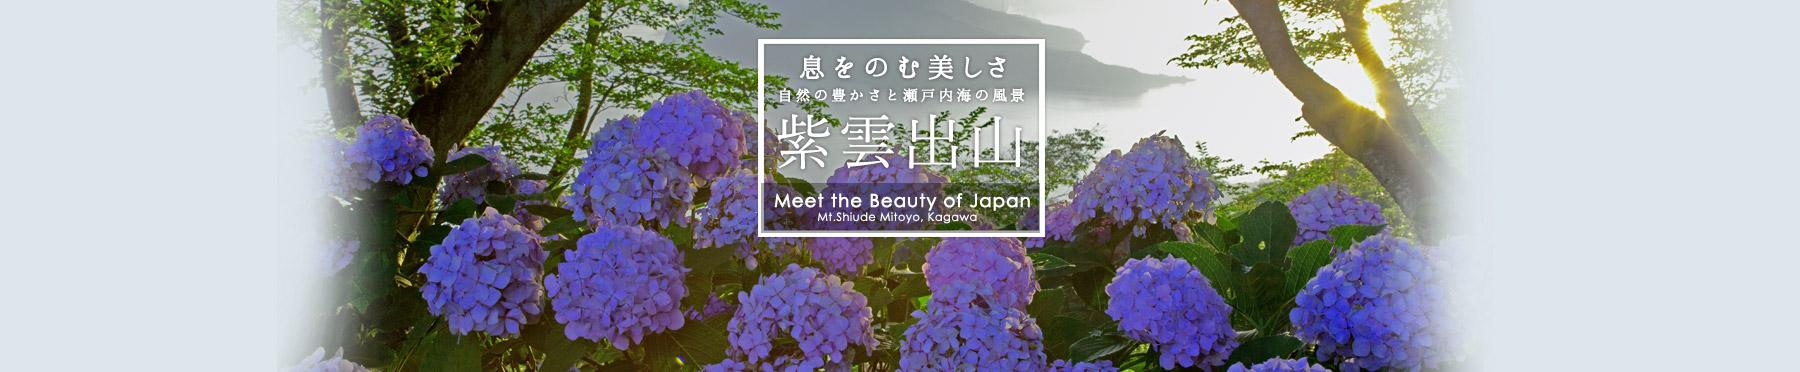 息をのむ美しさ自然の豊かさと瀬戸内海の風景紫雲出山